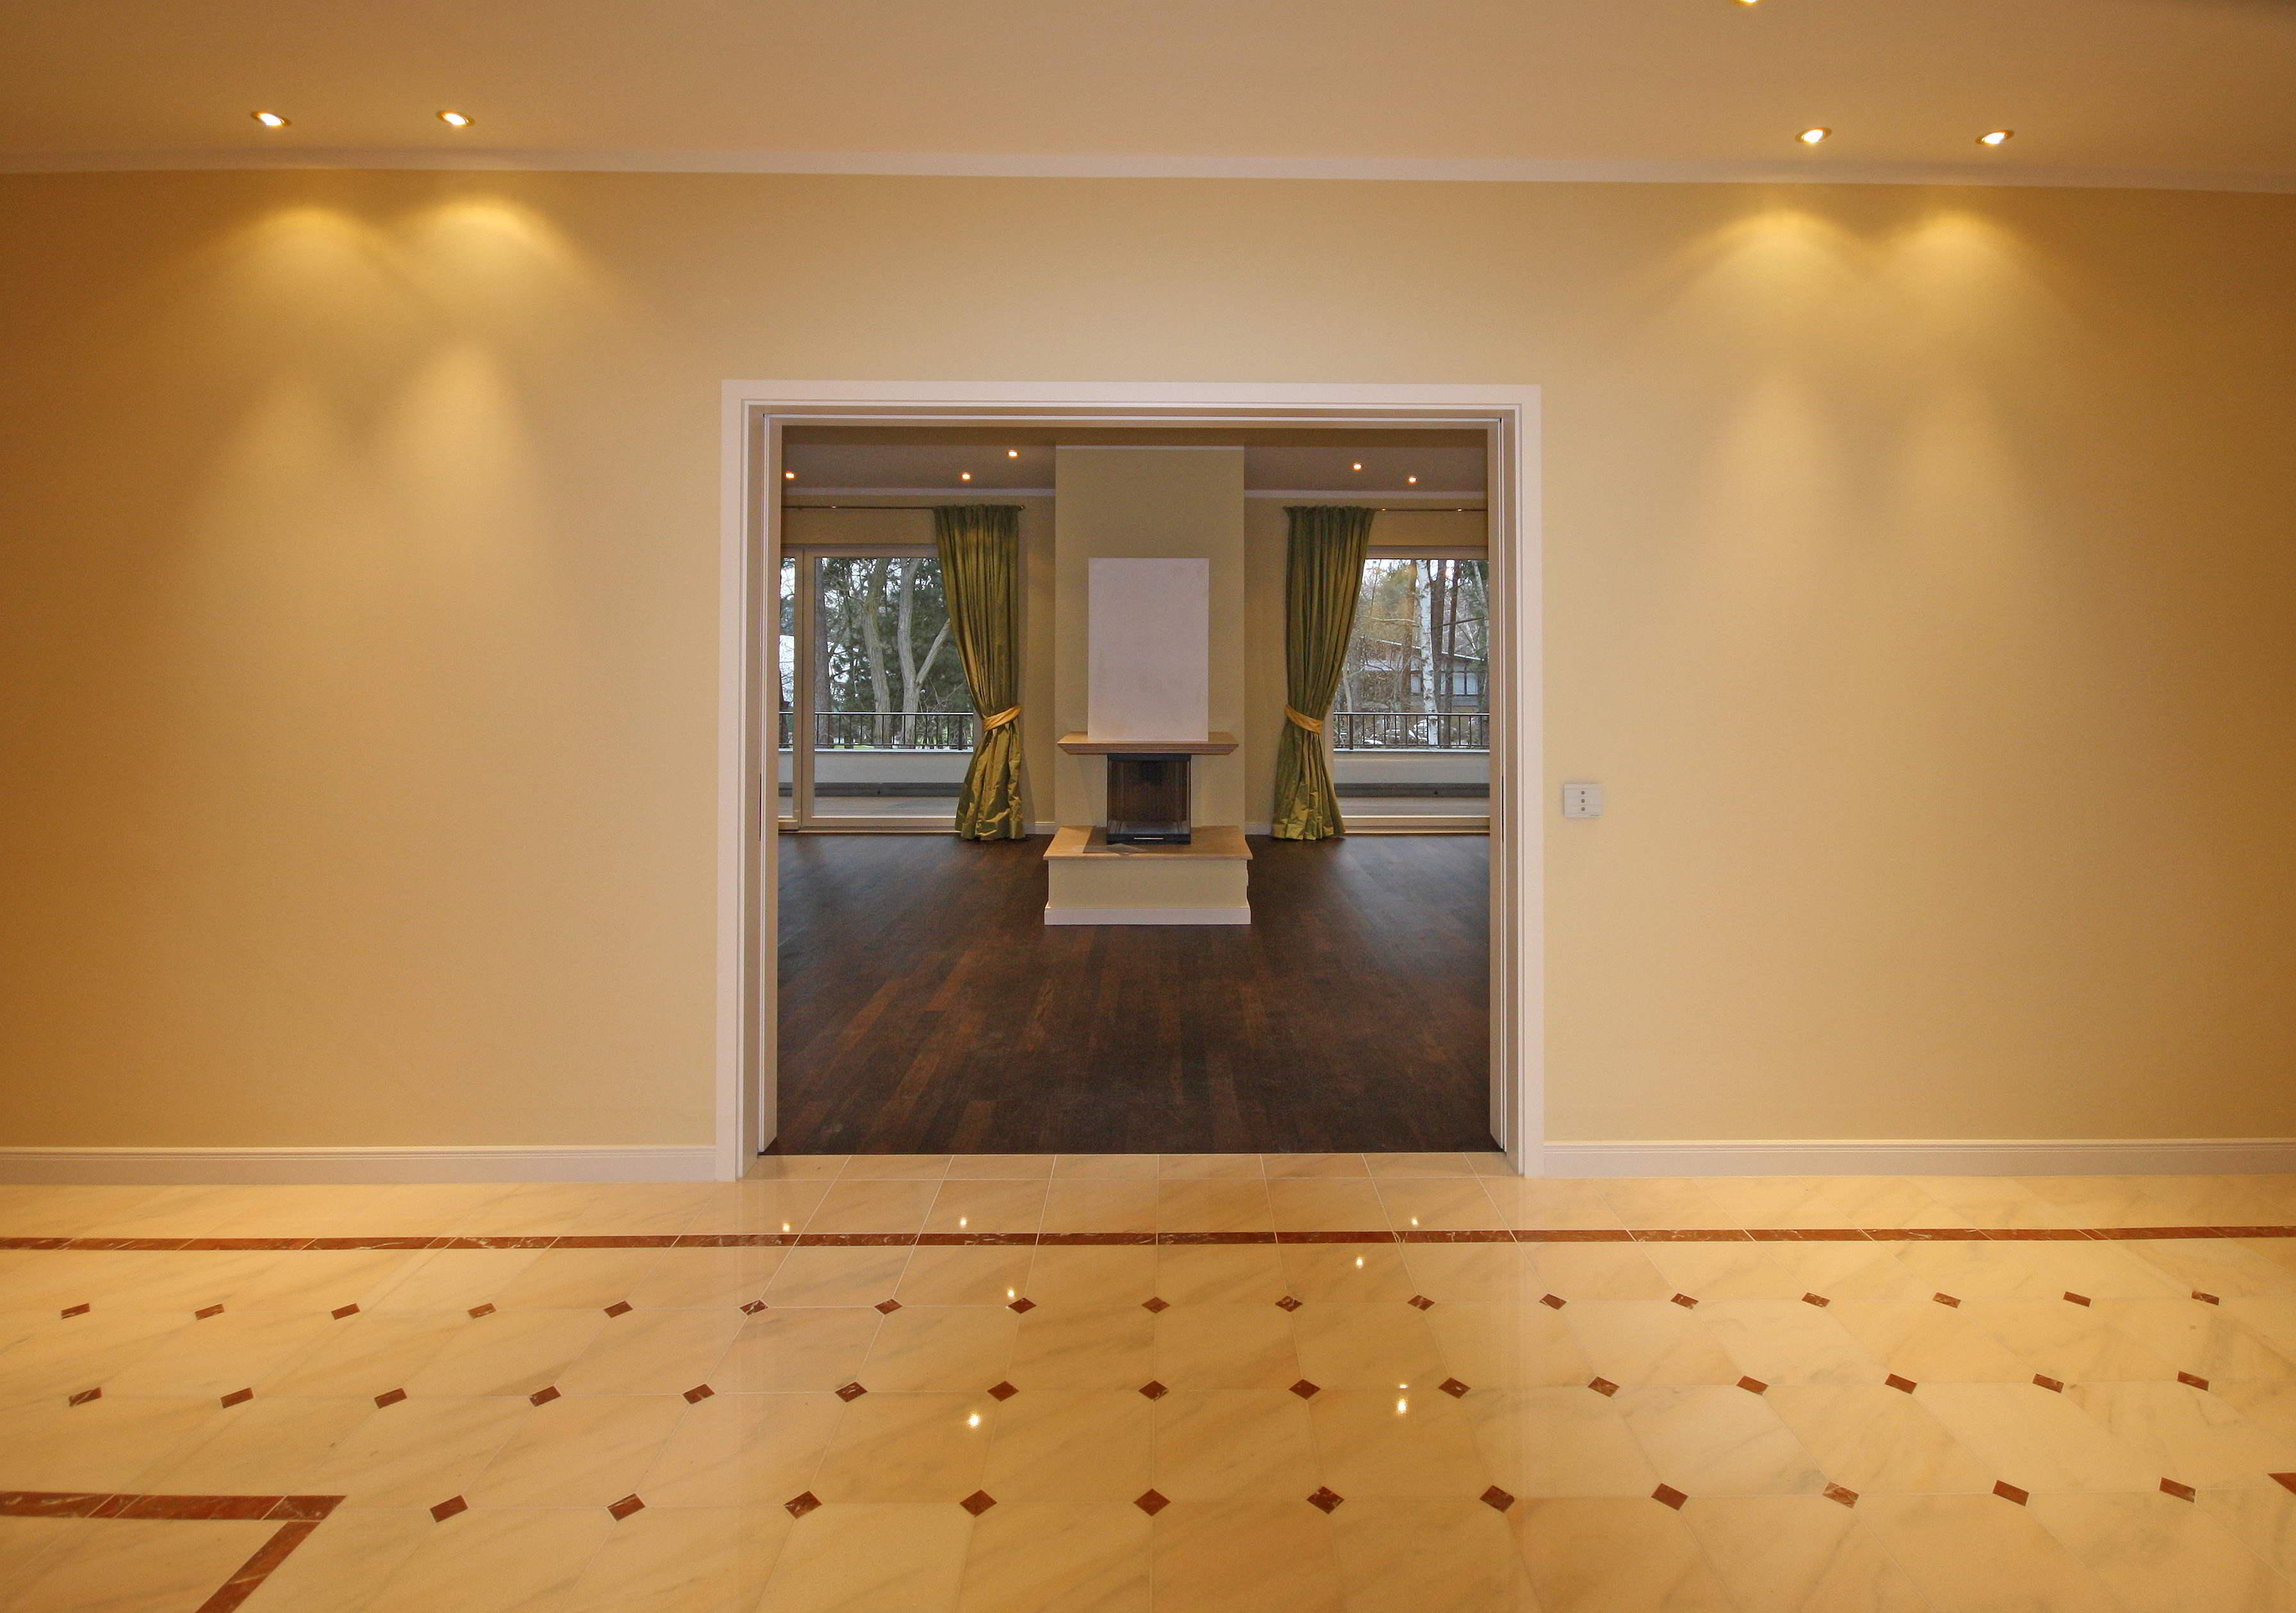 maler lackier und tapezierarbeiten raumkonzept schwarz. Black Bedroom Furniture Sets. Home Design Ideas